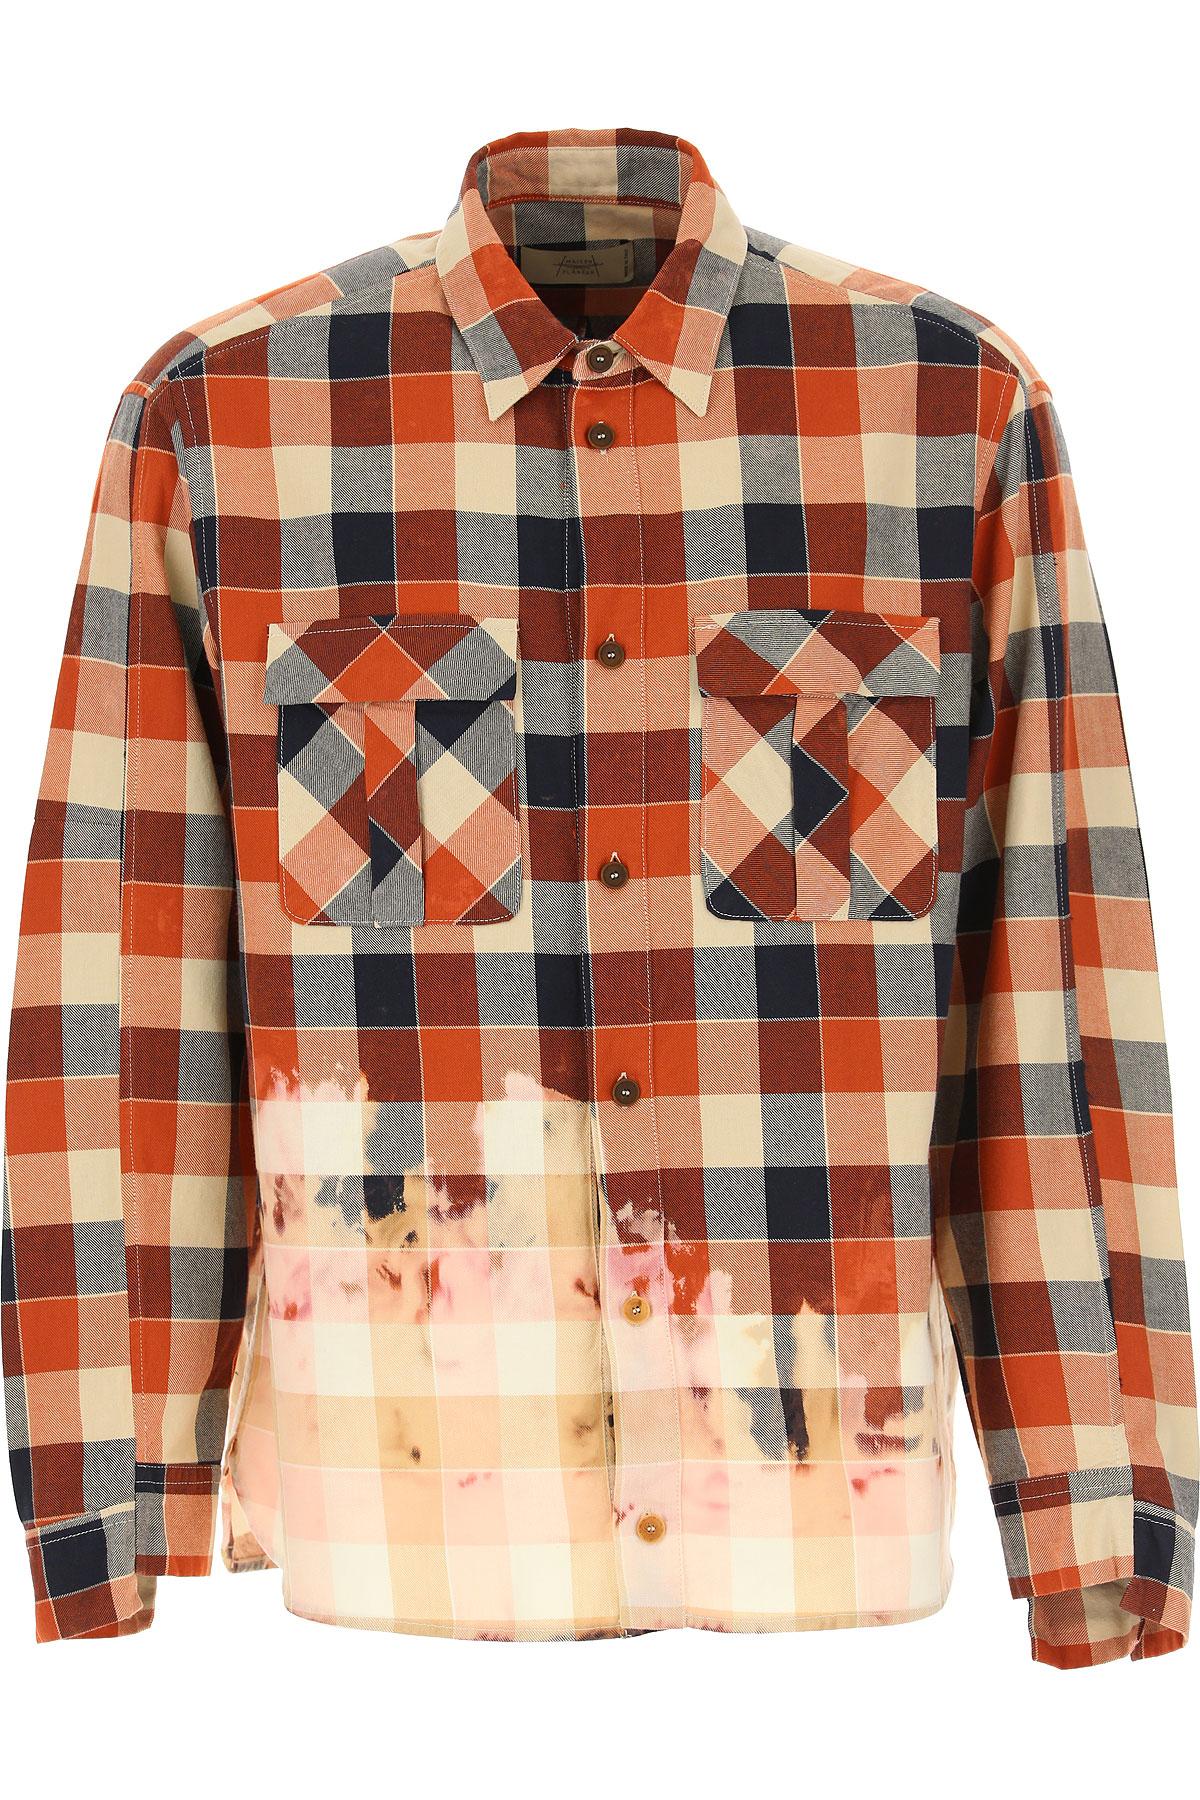 Maison Flaneur Shirt for Men On Sale, Autumn Colors, Cotton, 2019, S • IT 46 M • IT 48 L • IT 50 XL • IT 52